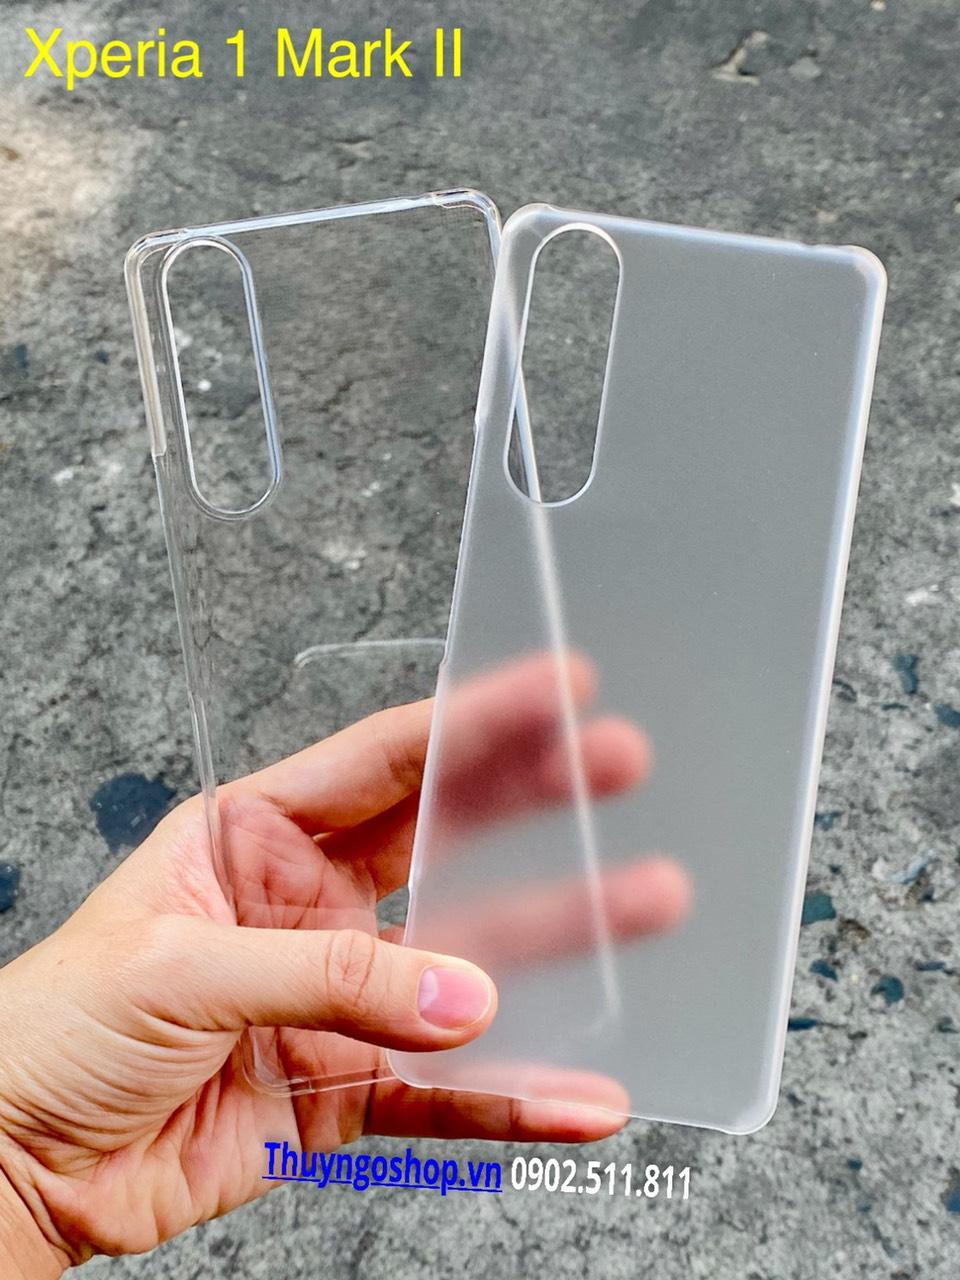 Sony Xperia 1 Mark II - Ốp cứng siêu trong suốt / Mờ chống vân tay